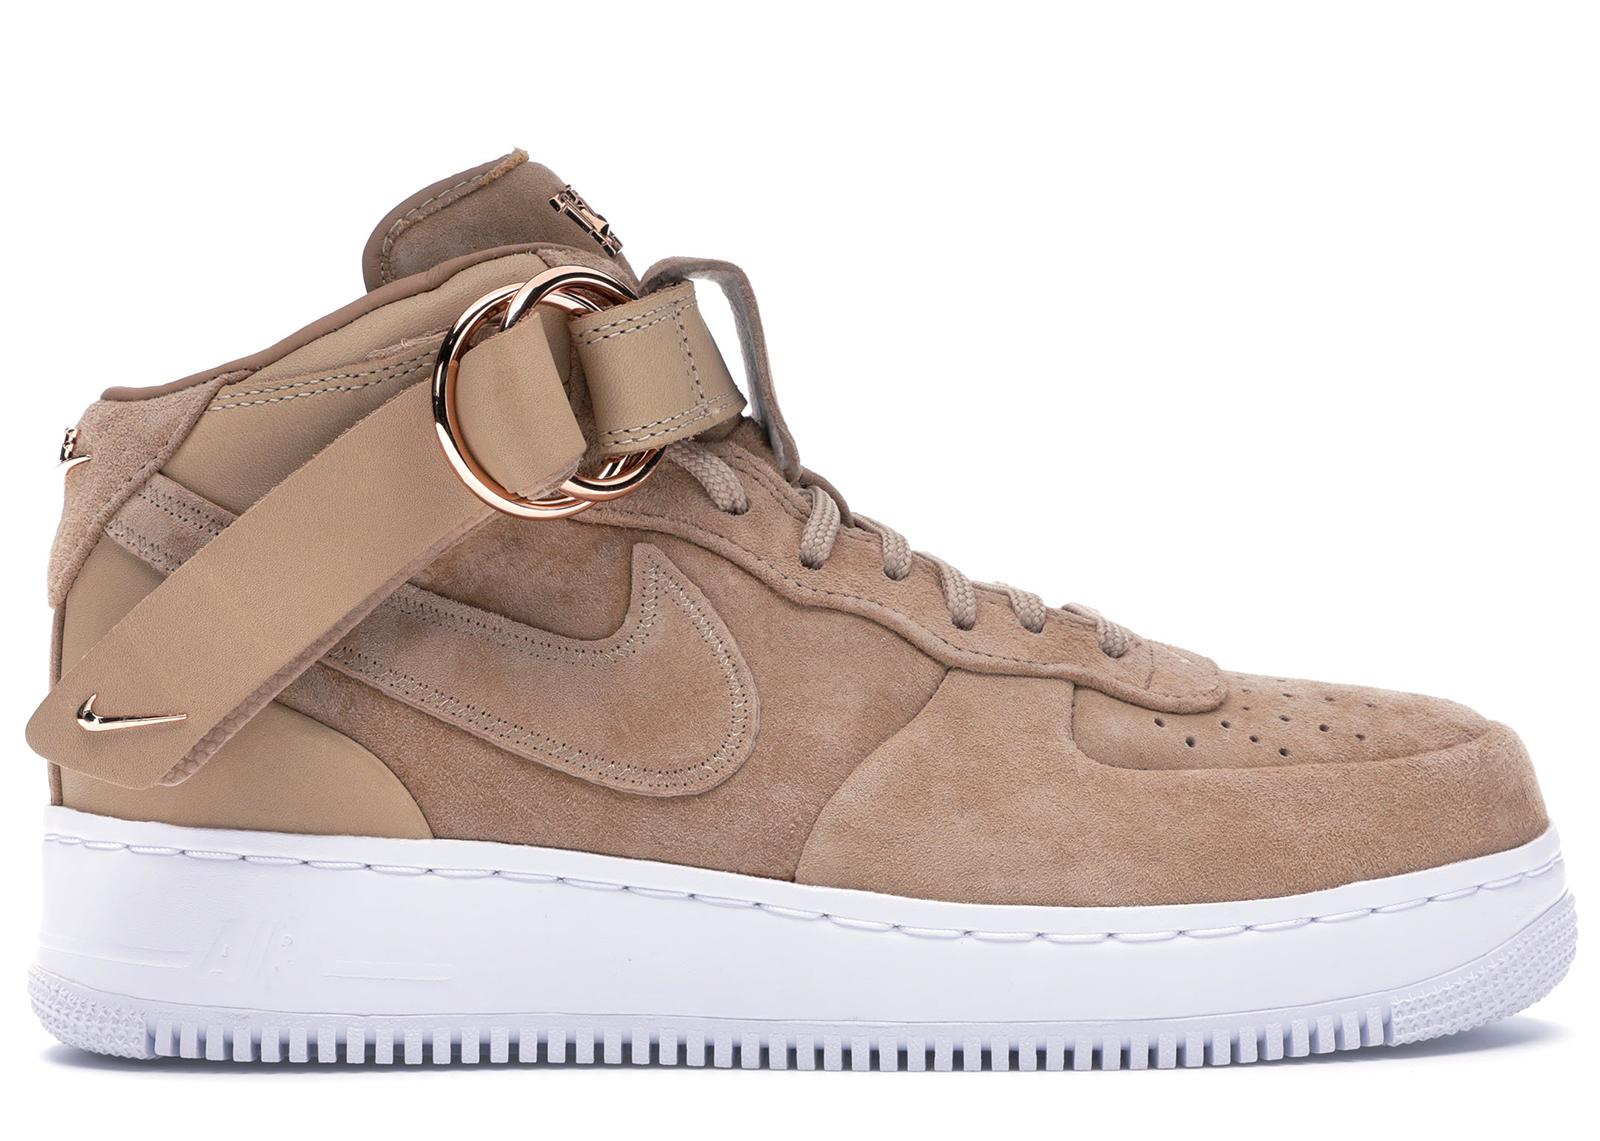 Nike Air Force 1 Mid CMFT Victor Cruz